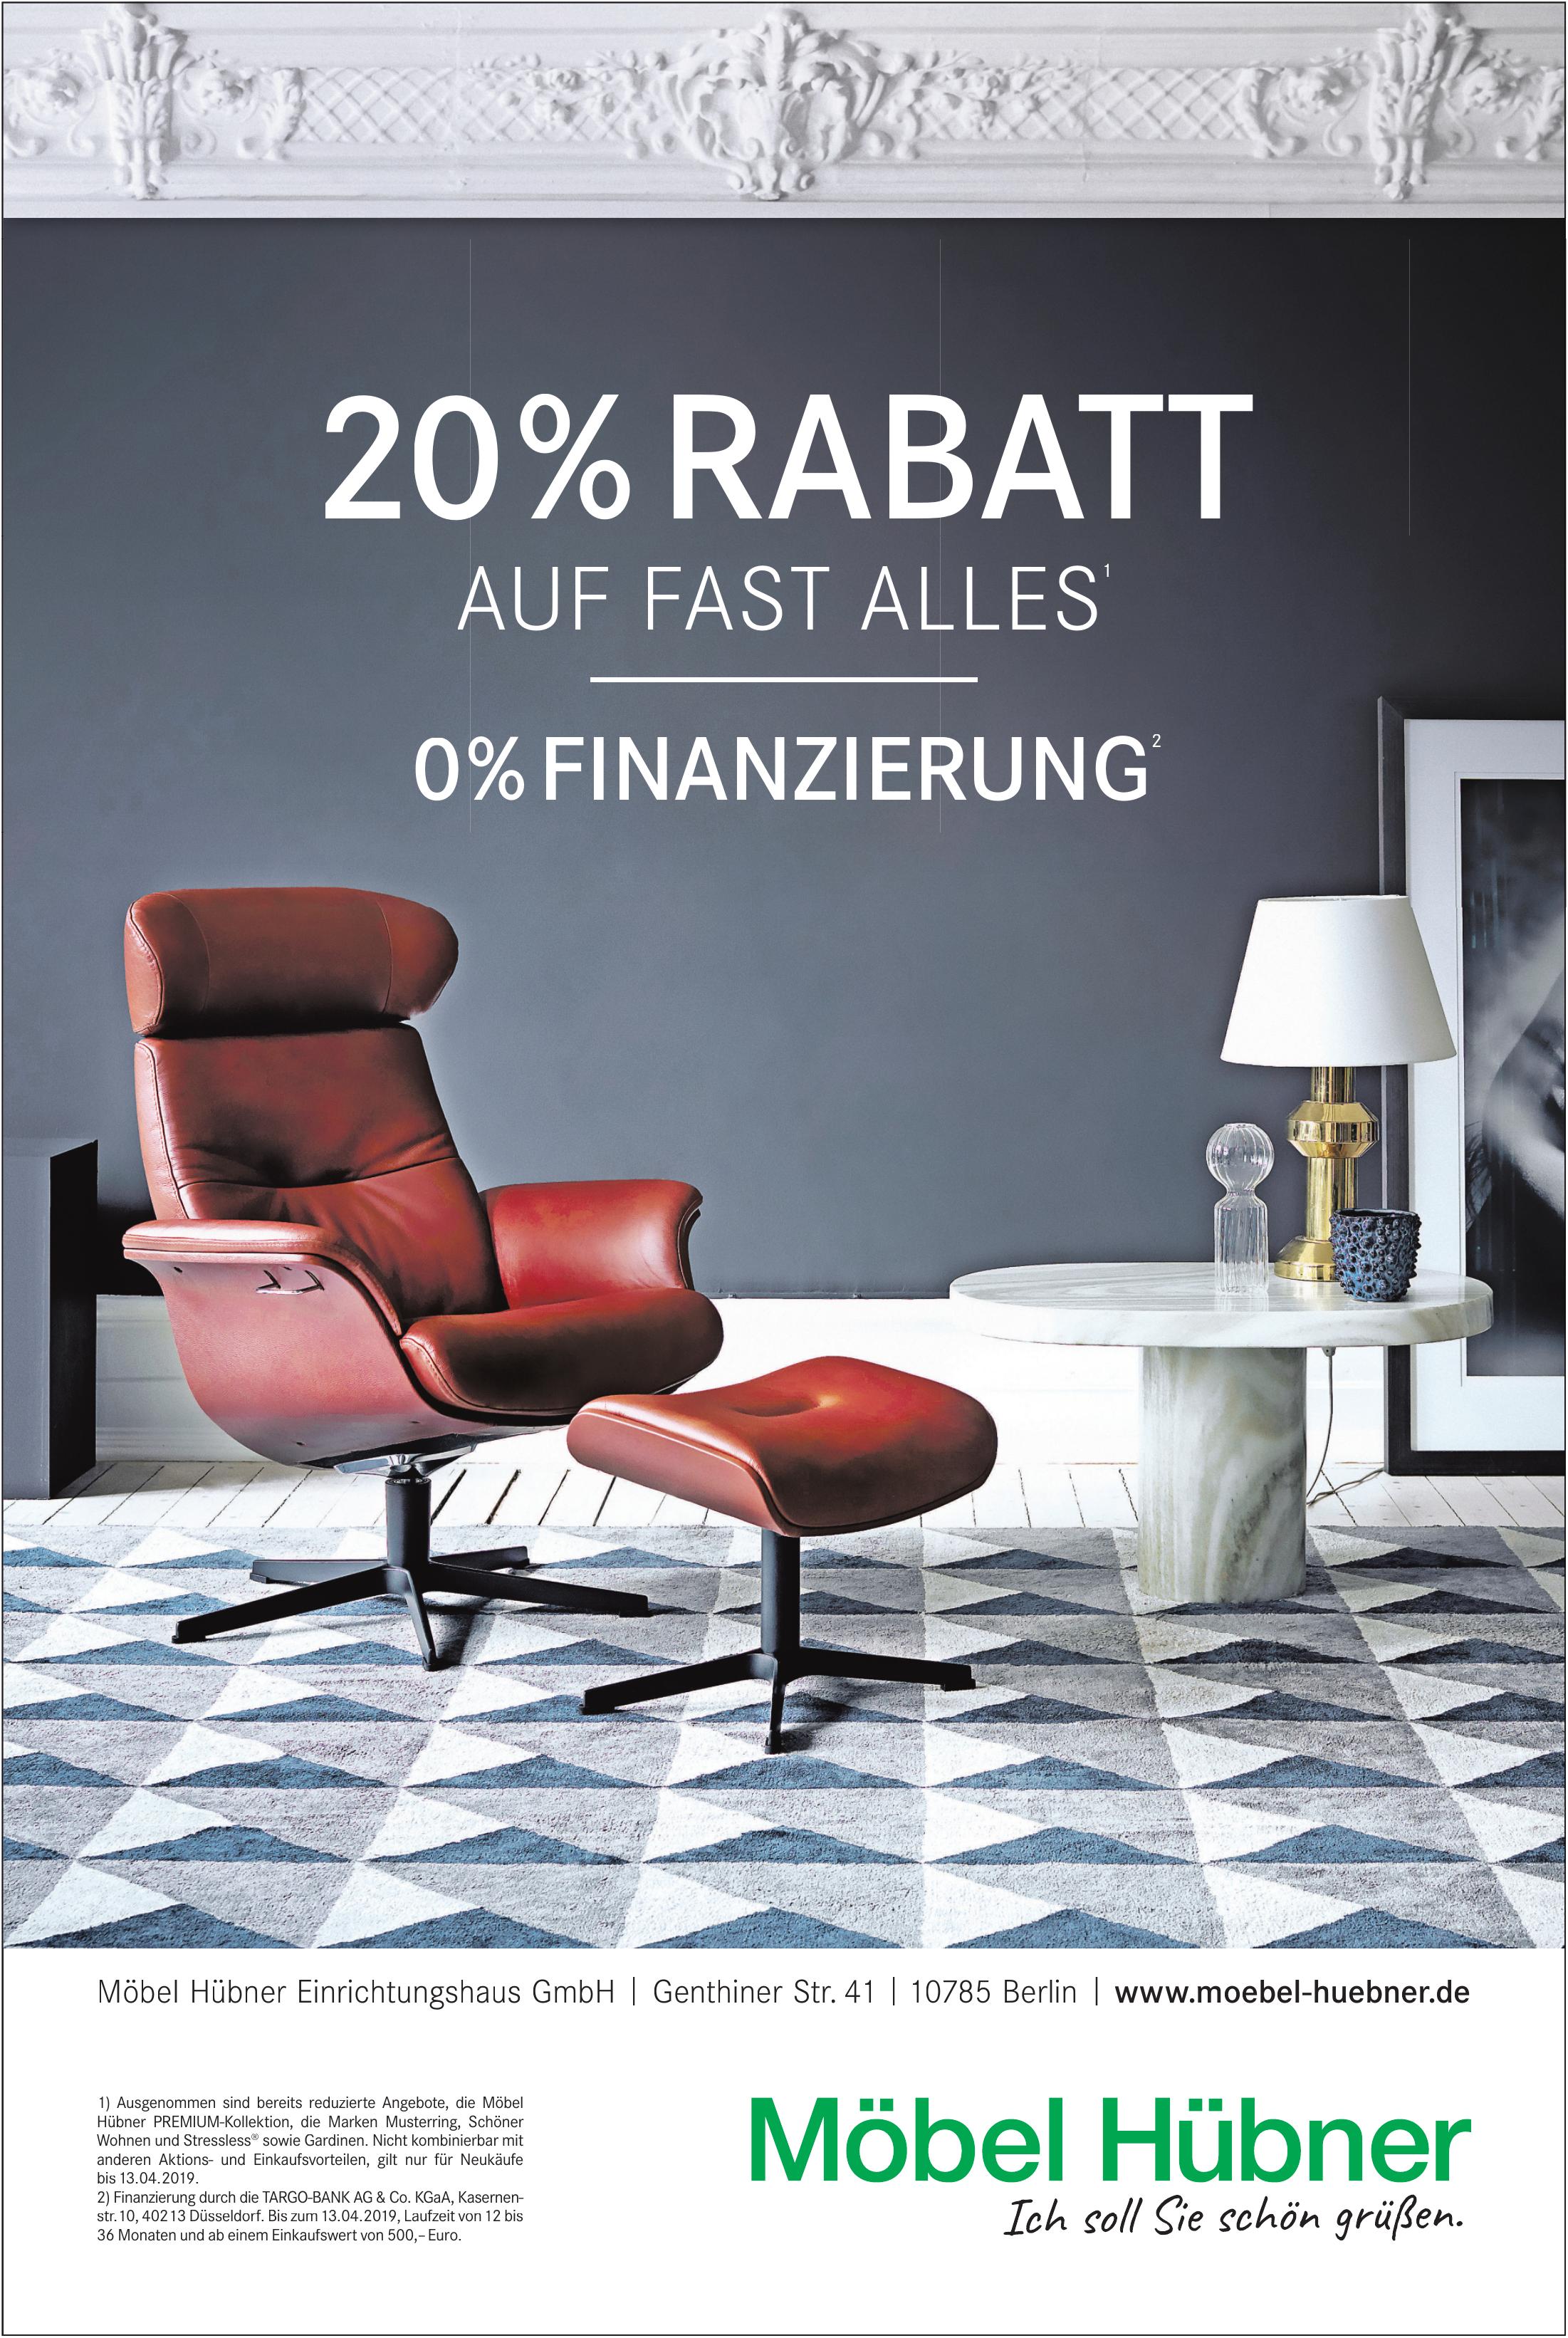 Möbel Hübner Einrichtungshaus GmbH